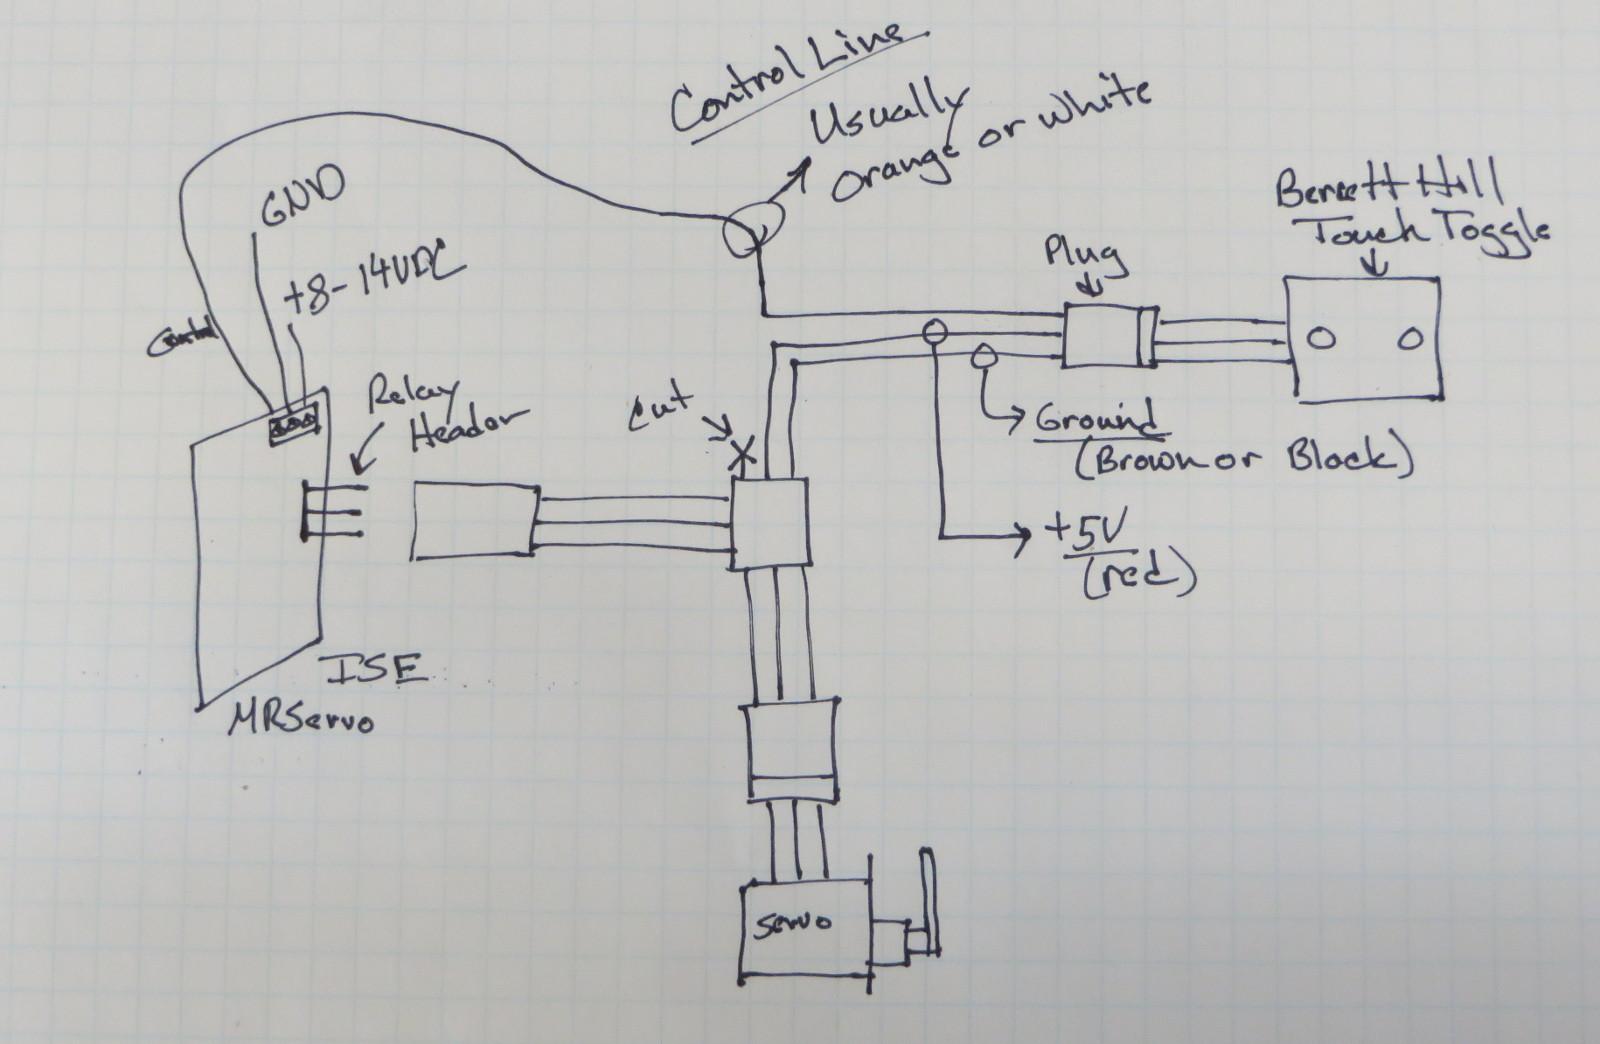 schematic-handdrawn